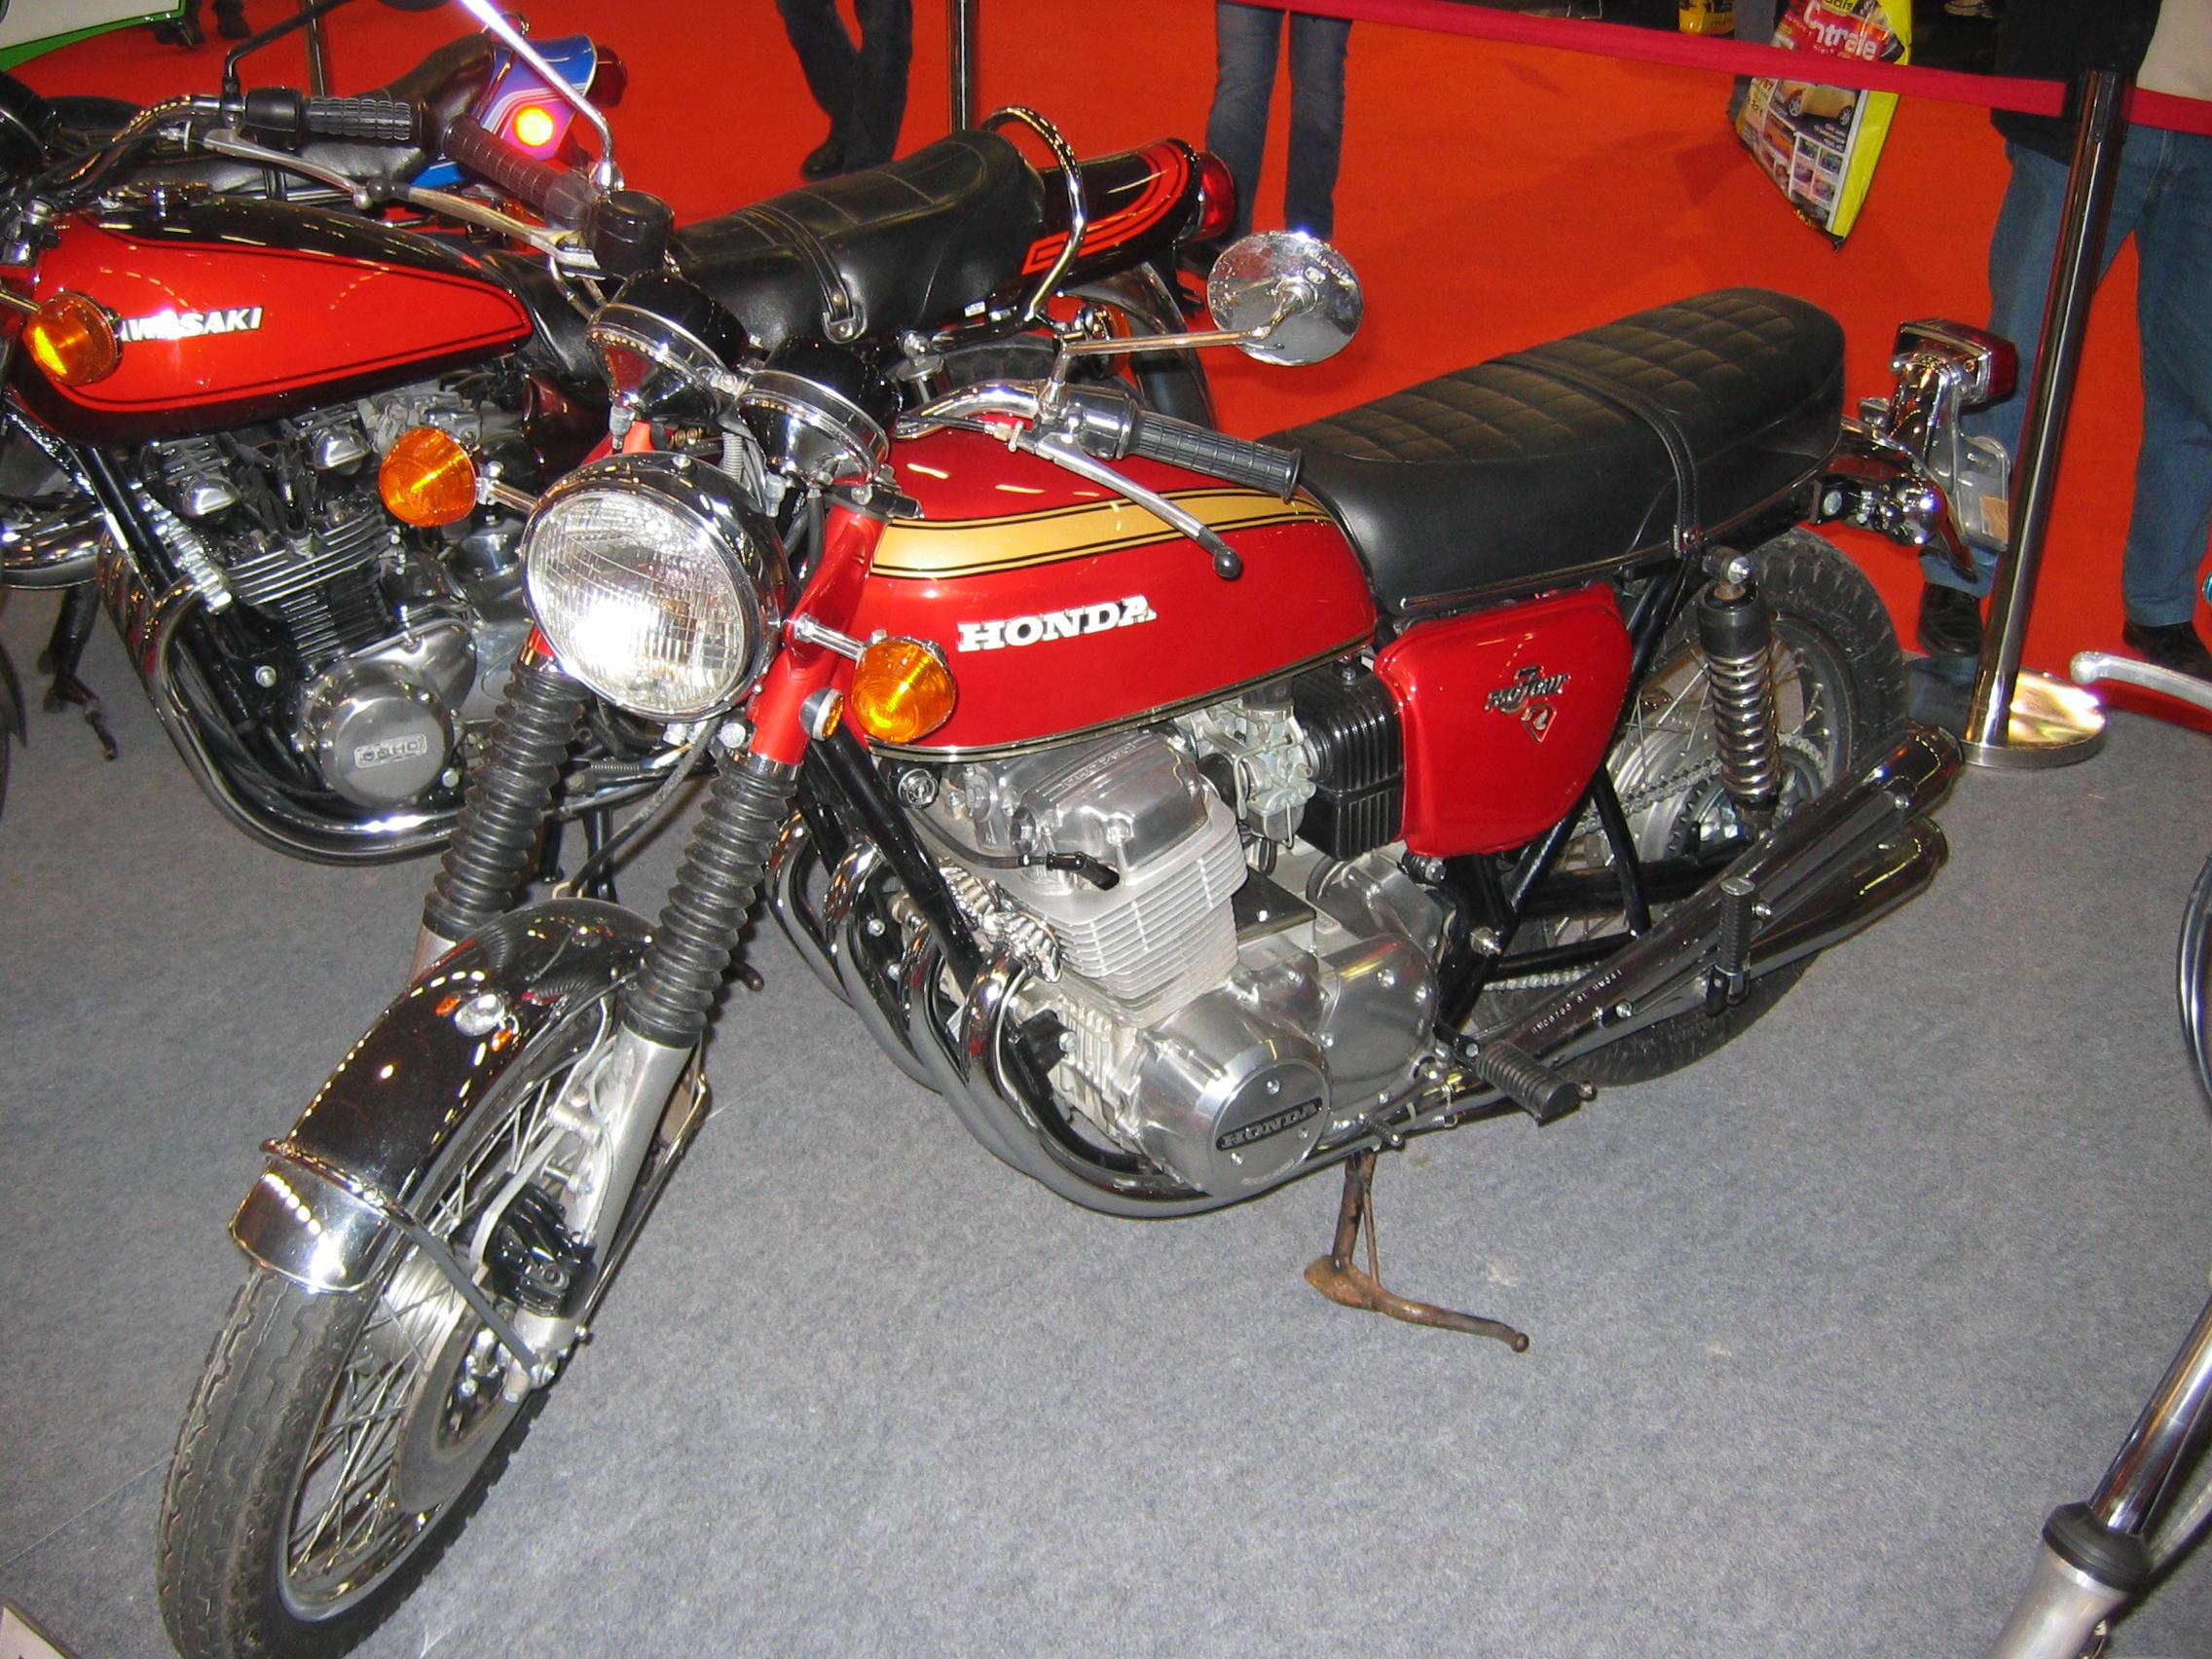 Honda CM 400 T 1980 1981 KIT DE RÉVISION DUN CARBURATEUR UNIQUE Auto, moto - pièces, accessoires